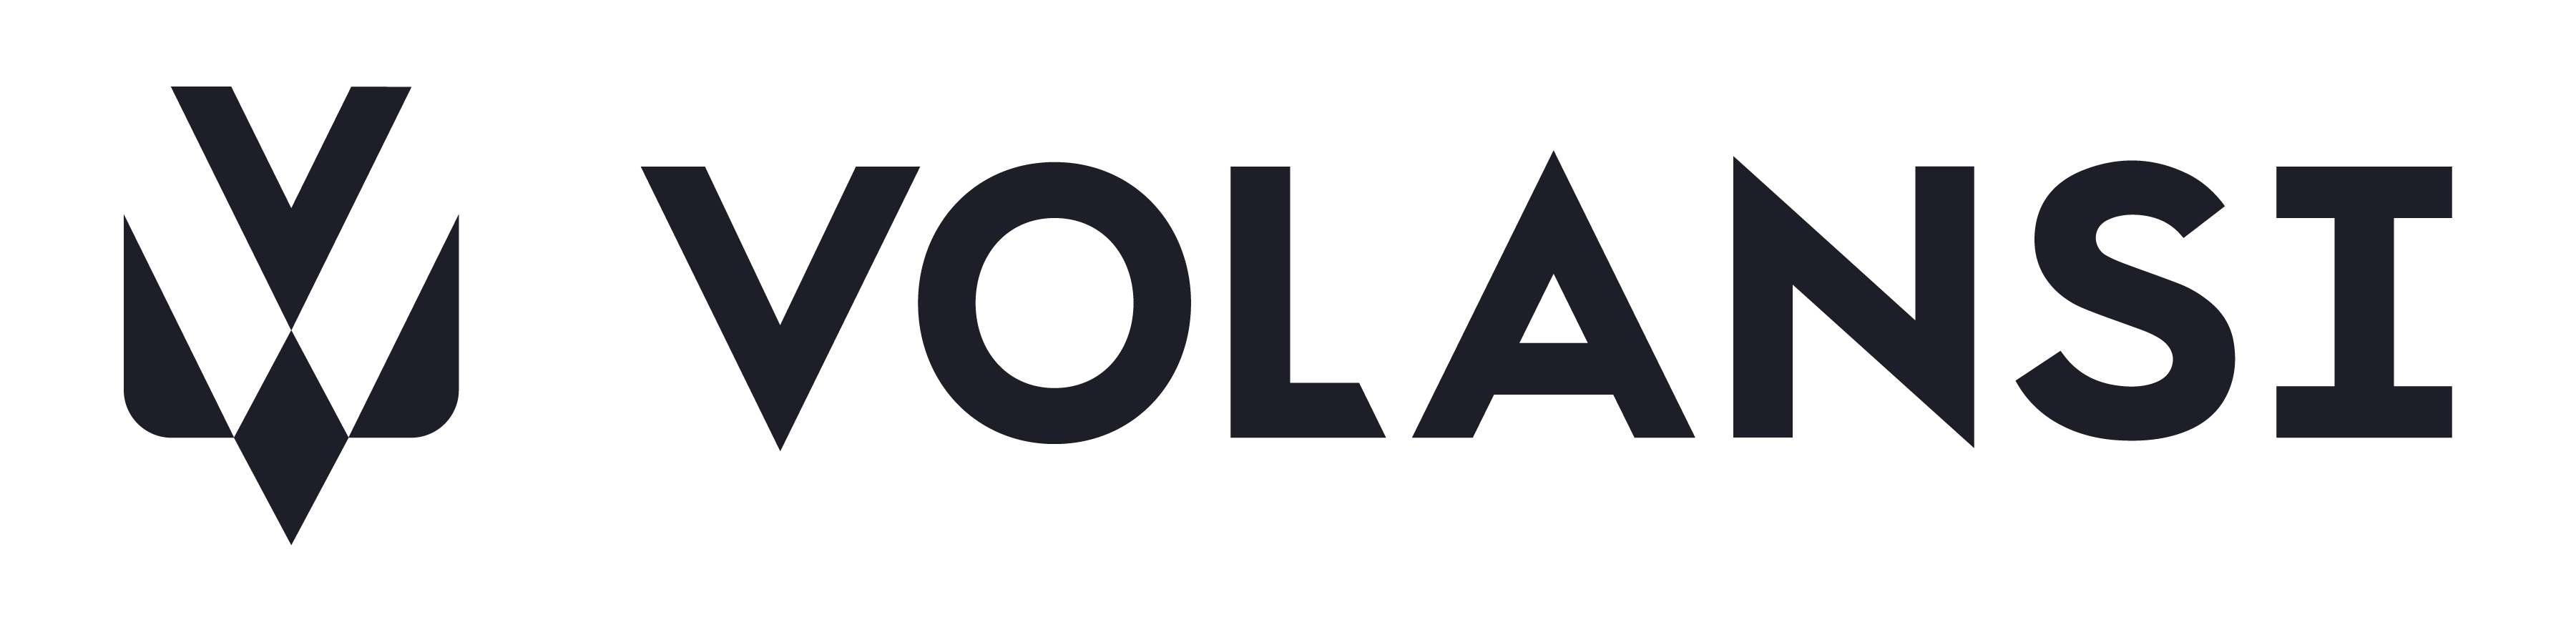 Volansi, Inc.